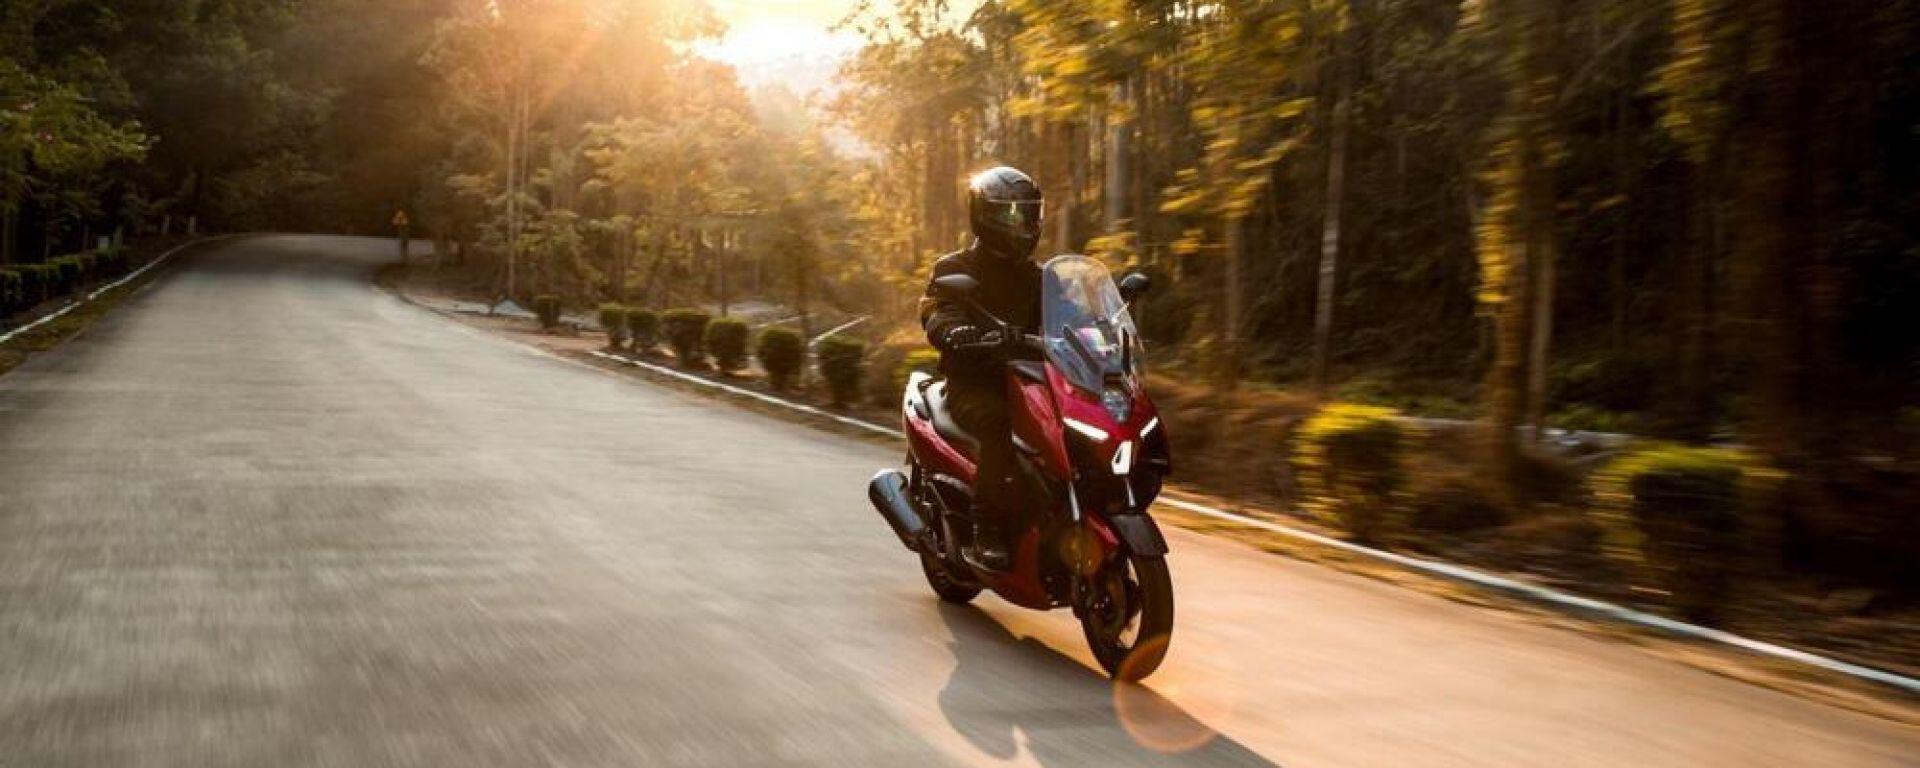 Zontes M 310: lo scooter potrebbe arrivare presto anche in Italia